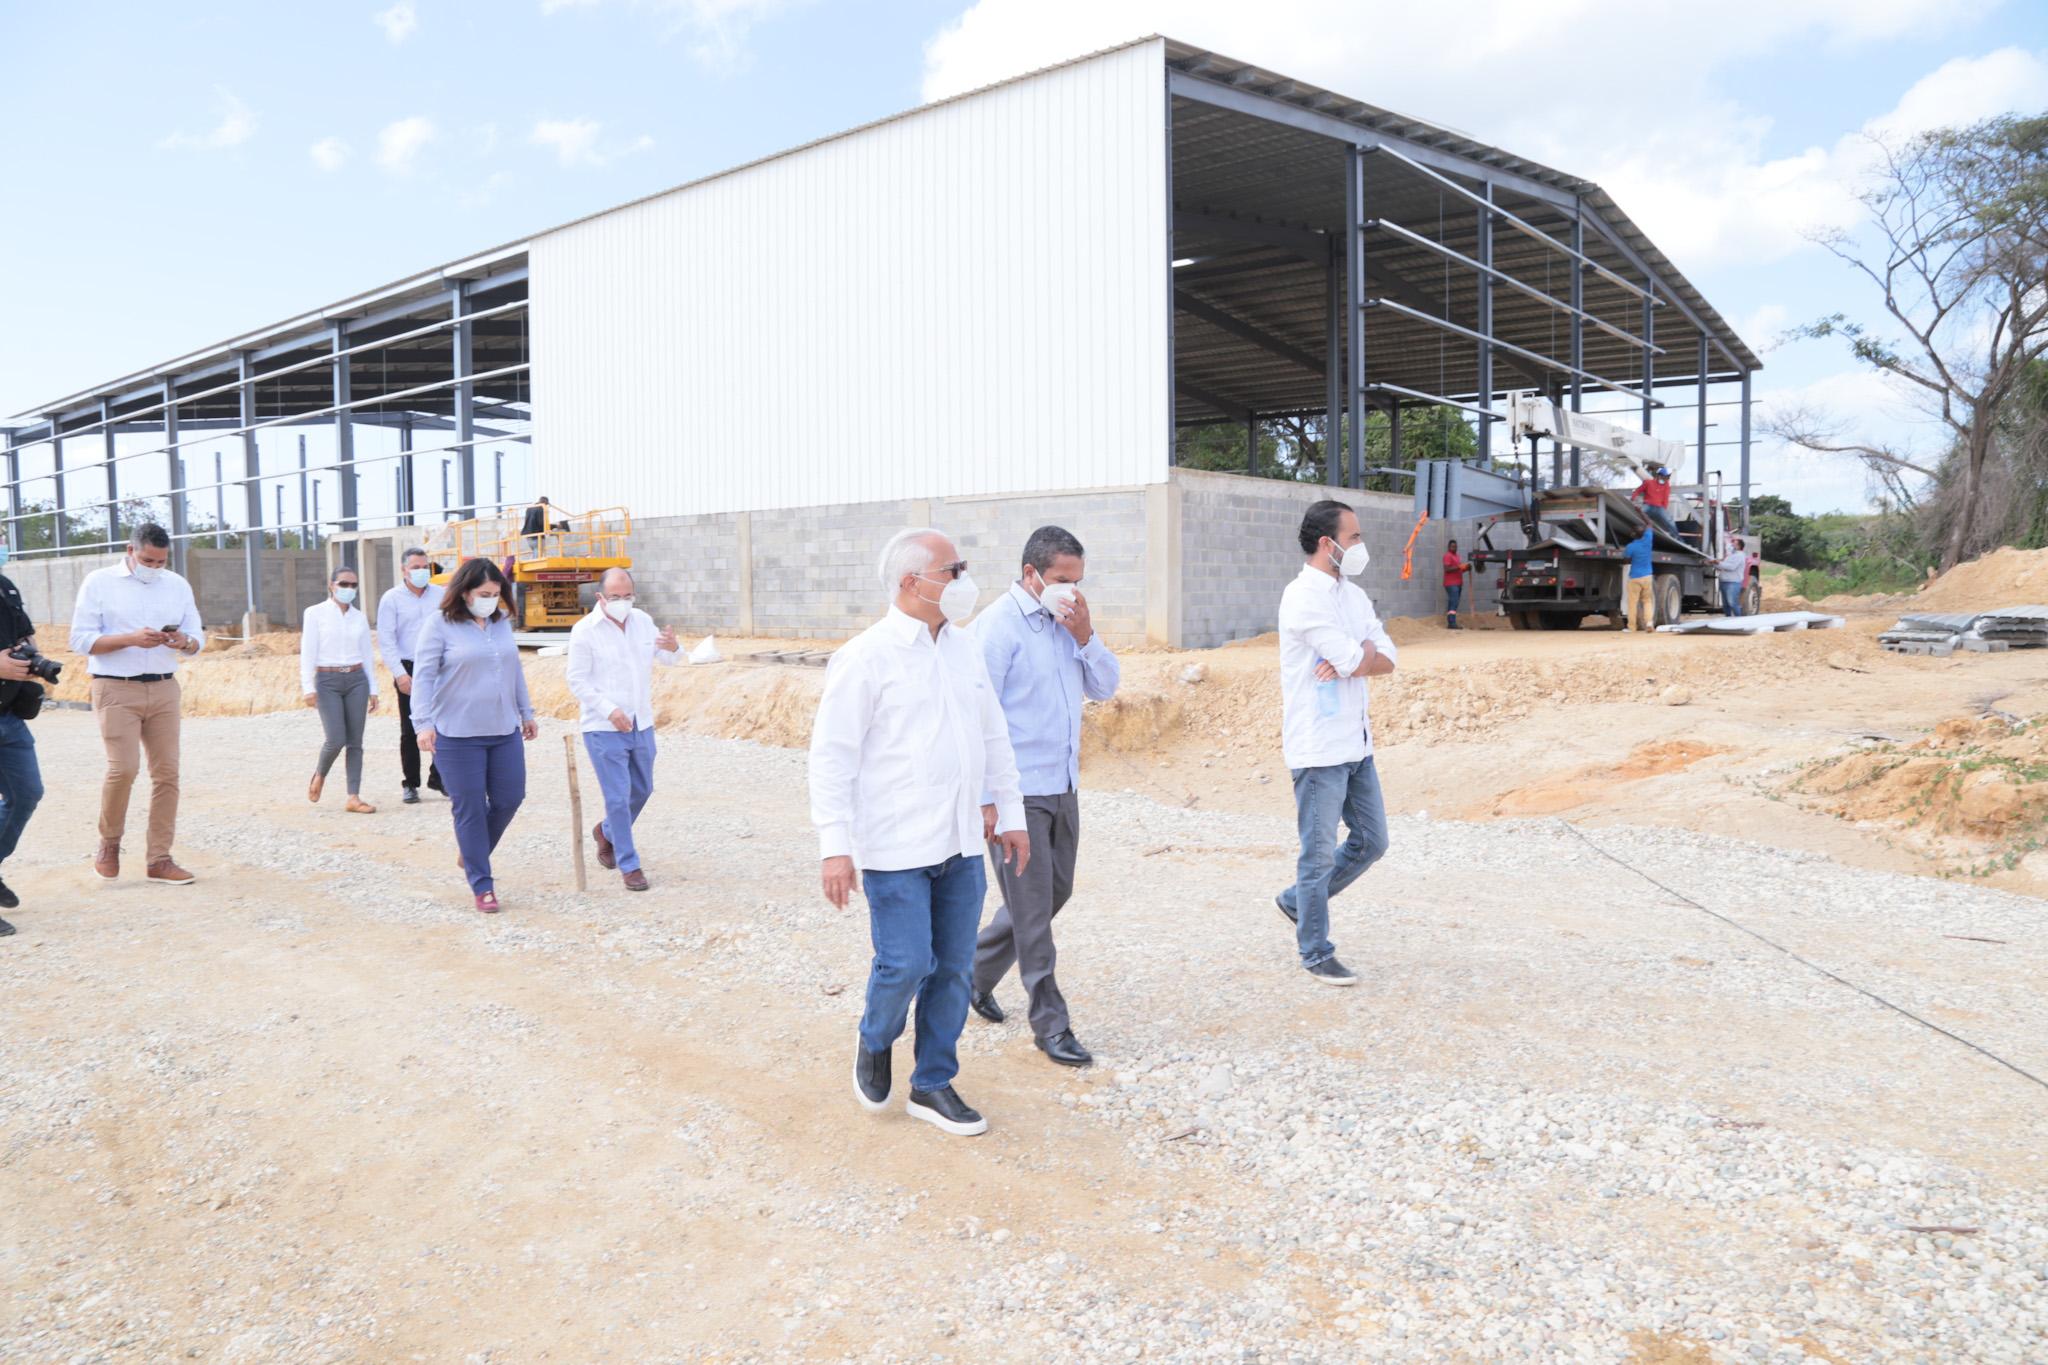 Parque zona franca Global Industrial & Logistic Park generará más 10 mil empleos directos